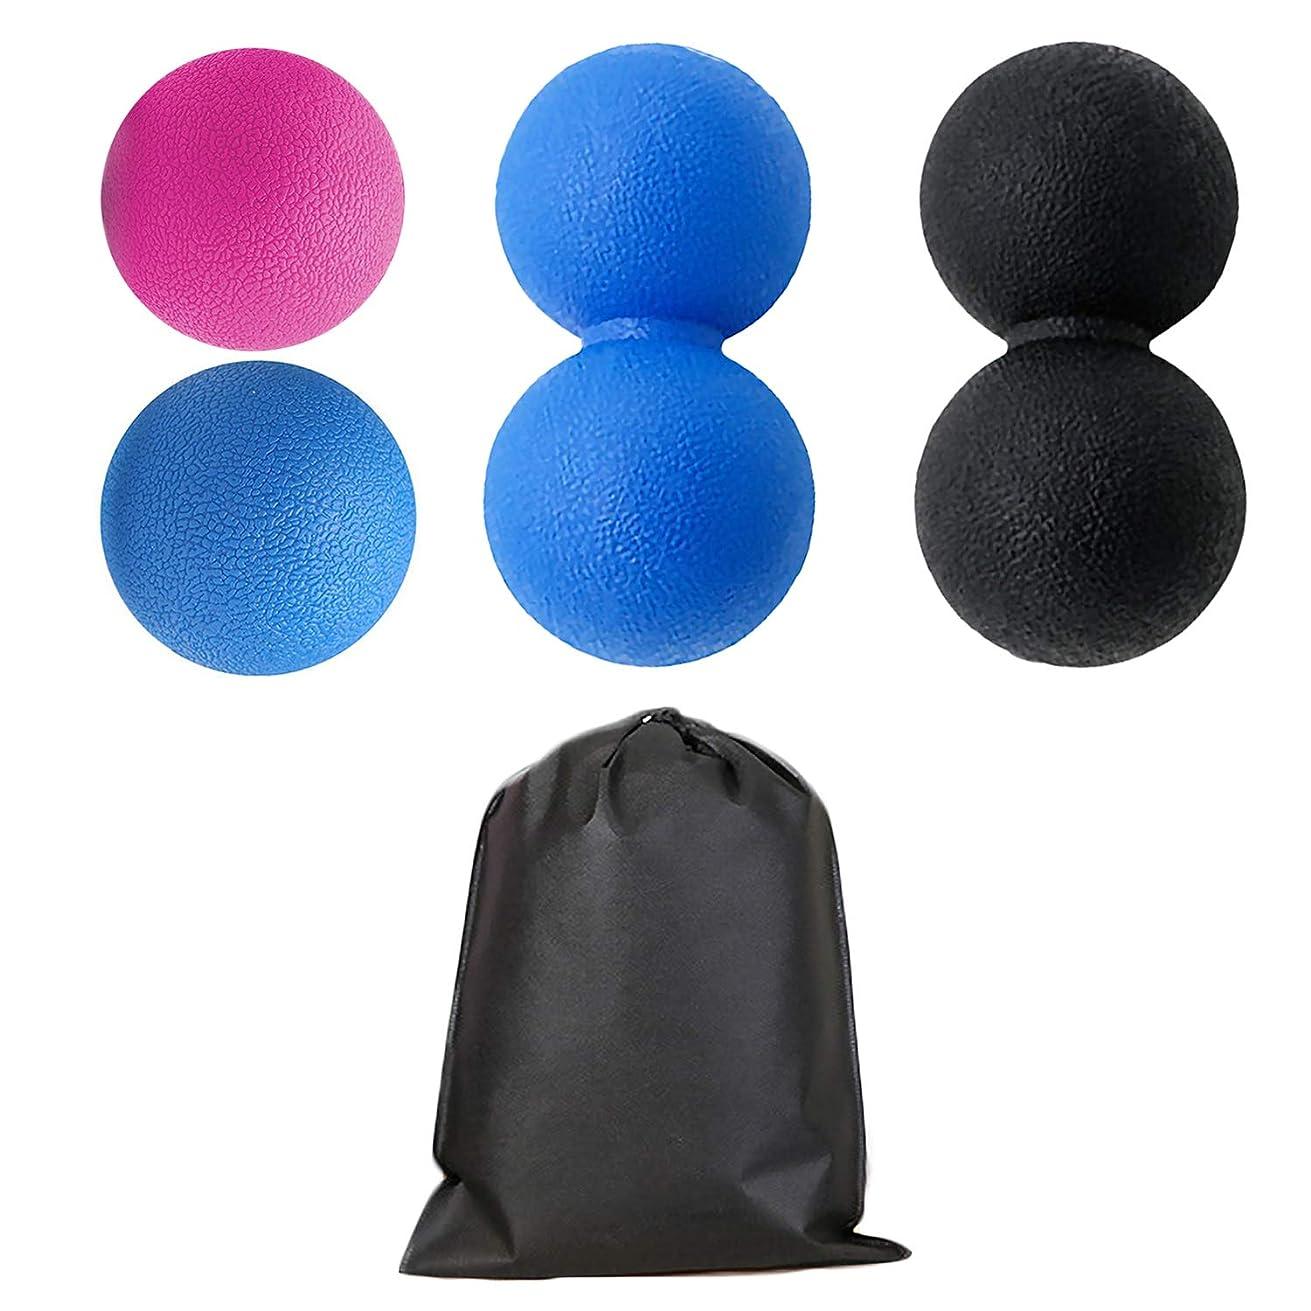 熱狂的な貧困佐賀Migavan 2本マッサージボールローラーバックマッサージボール収納袋が付いている別の様式のマッサージのローラーボールのマッサージャー